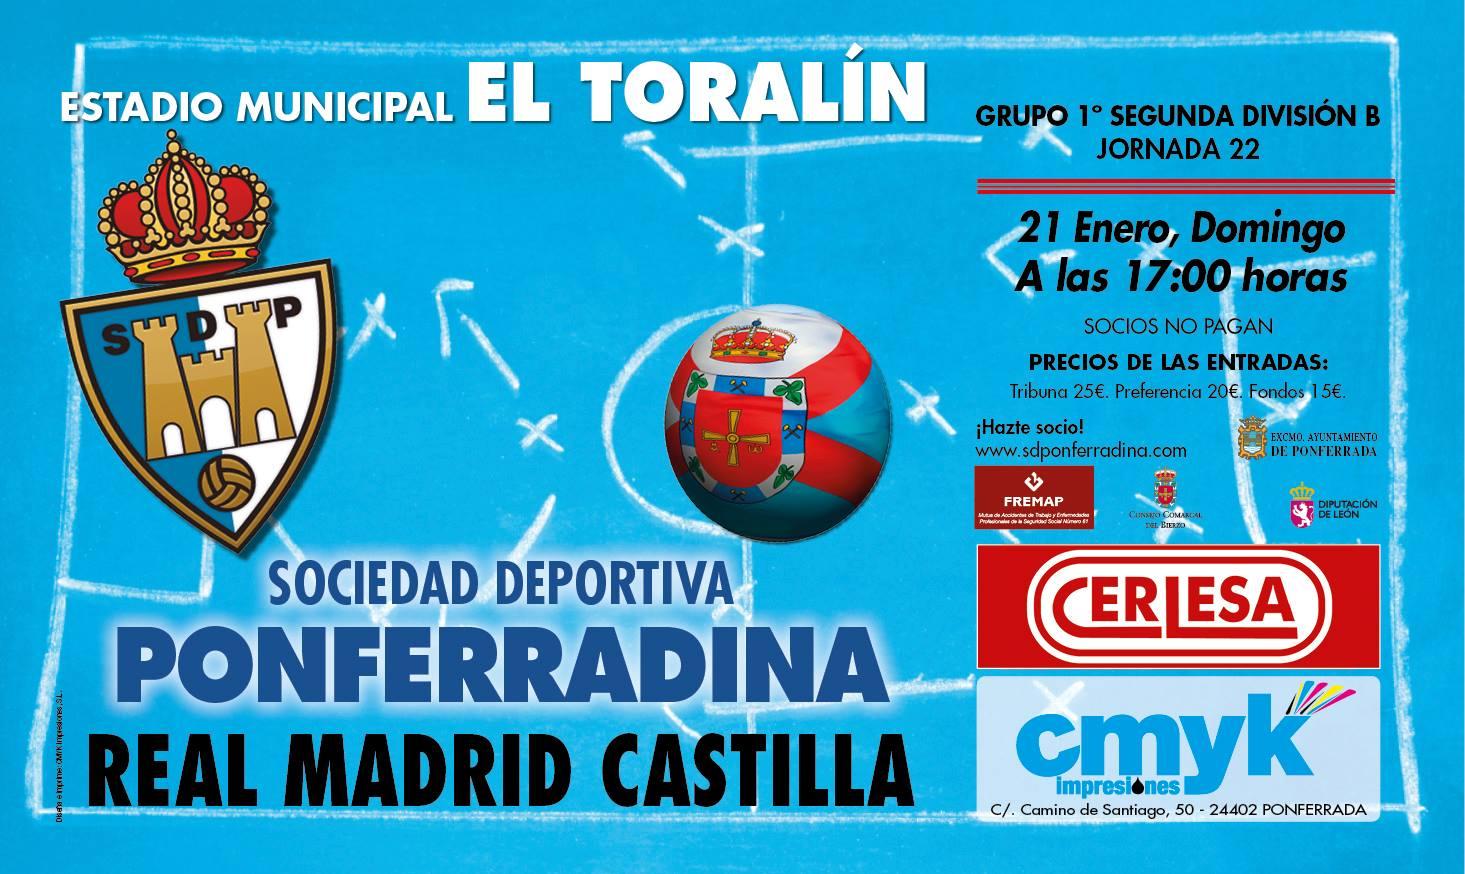 Fútbol: SD Ponferradina - Real Madrid Castilla 3